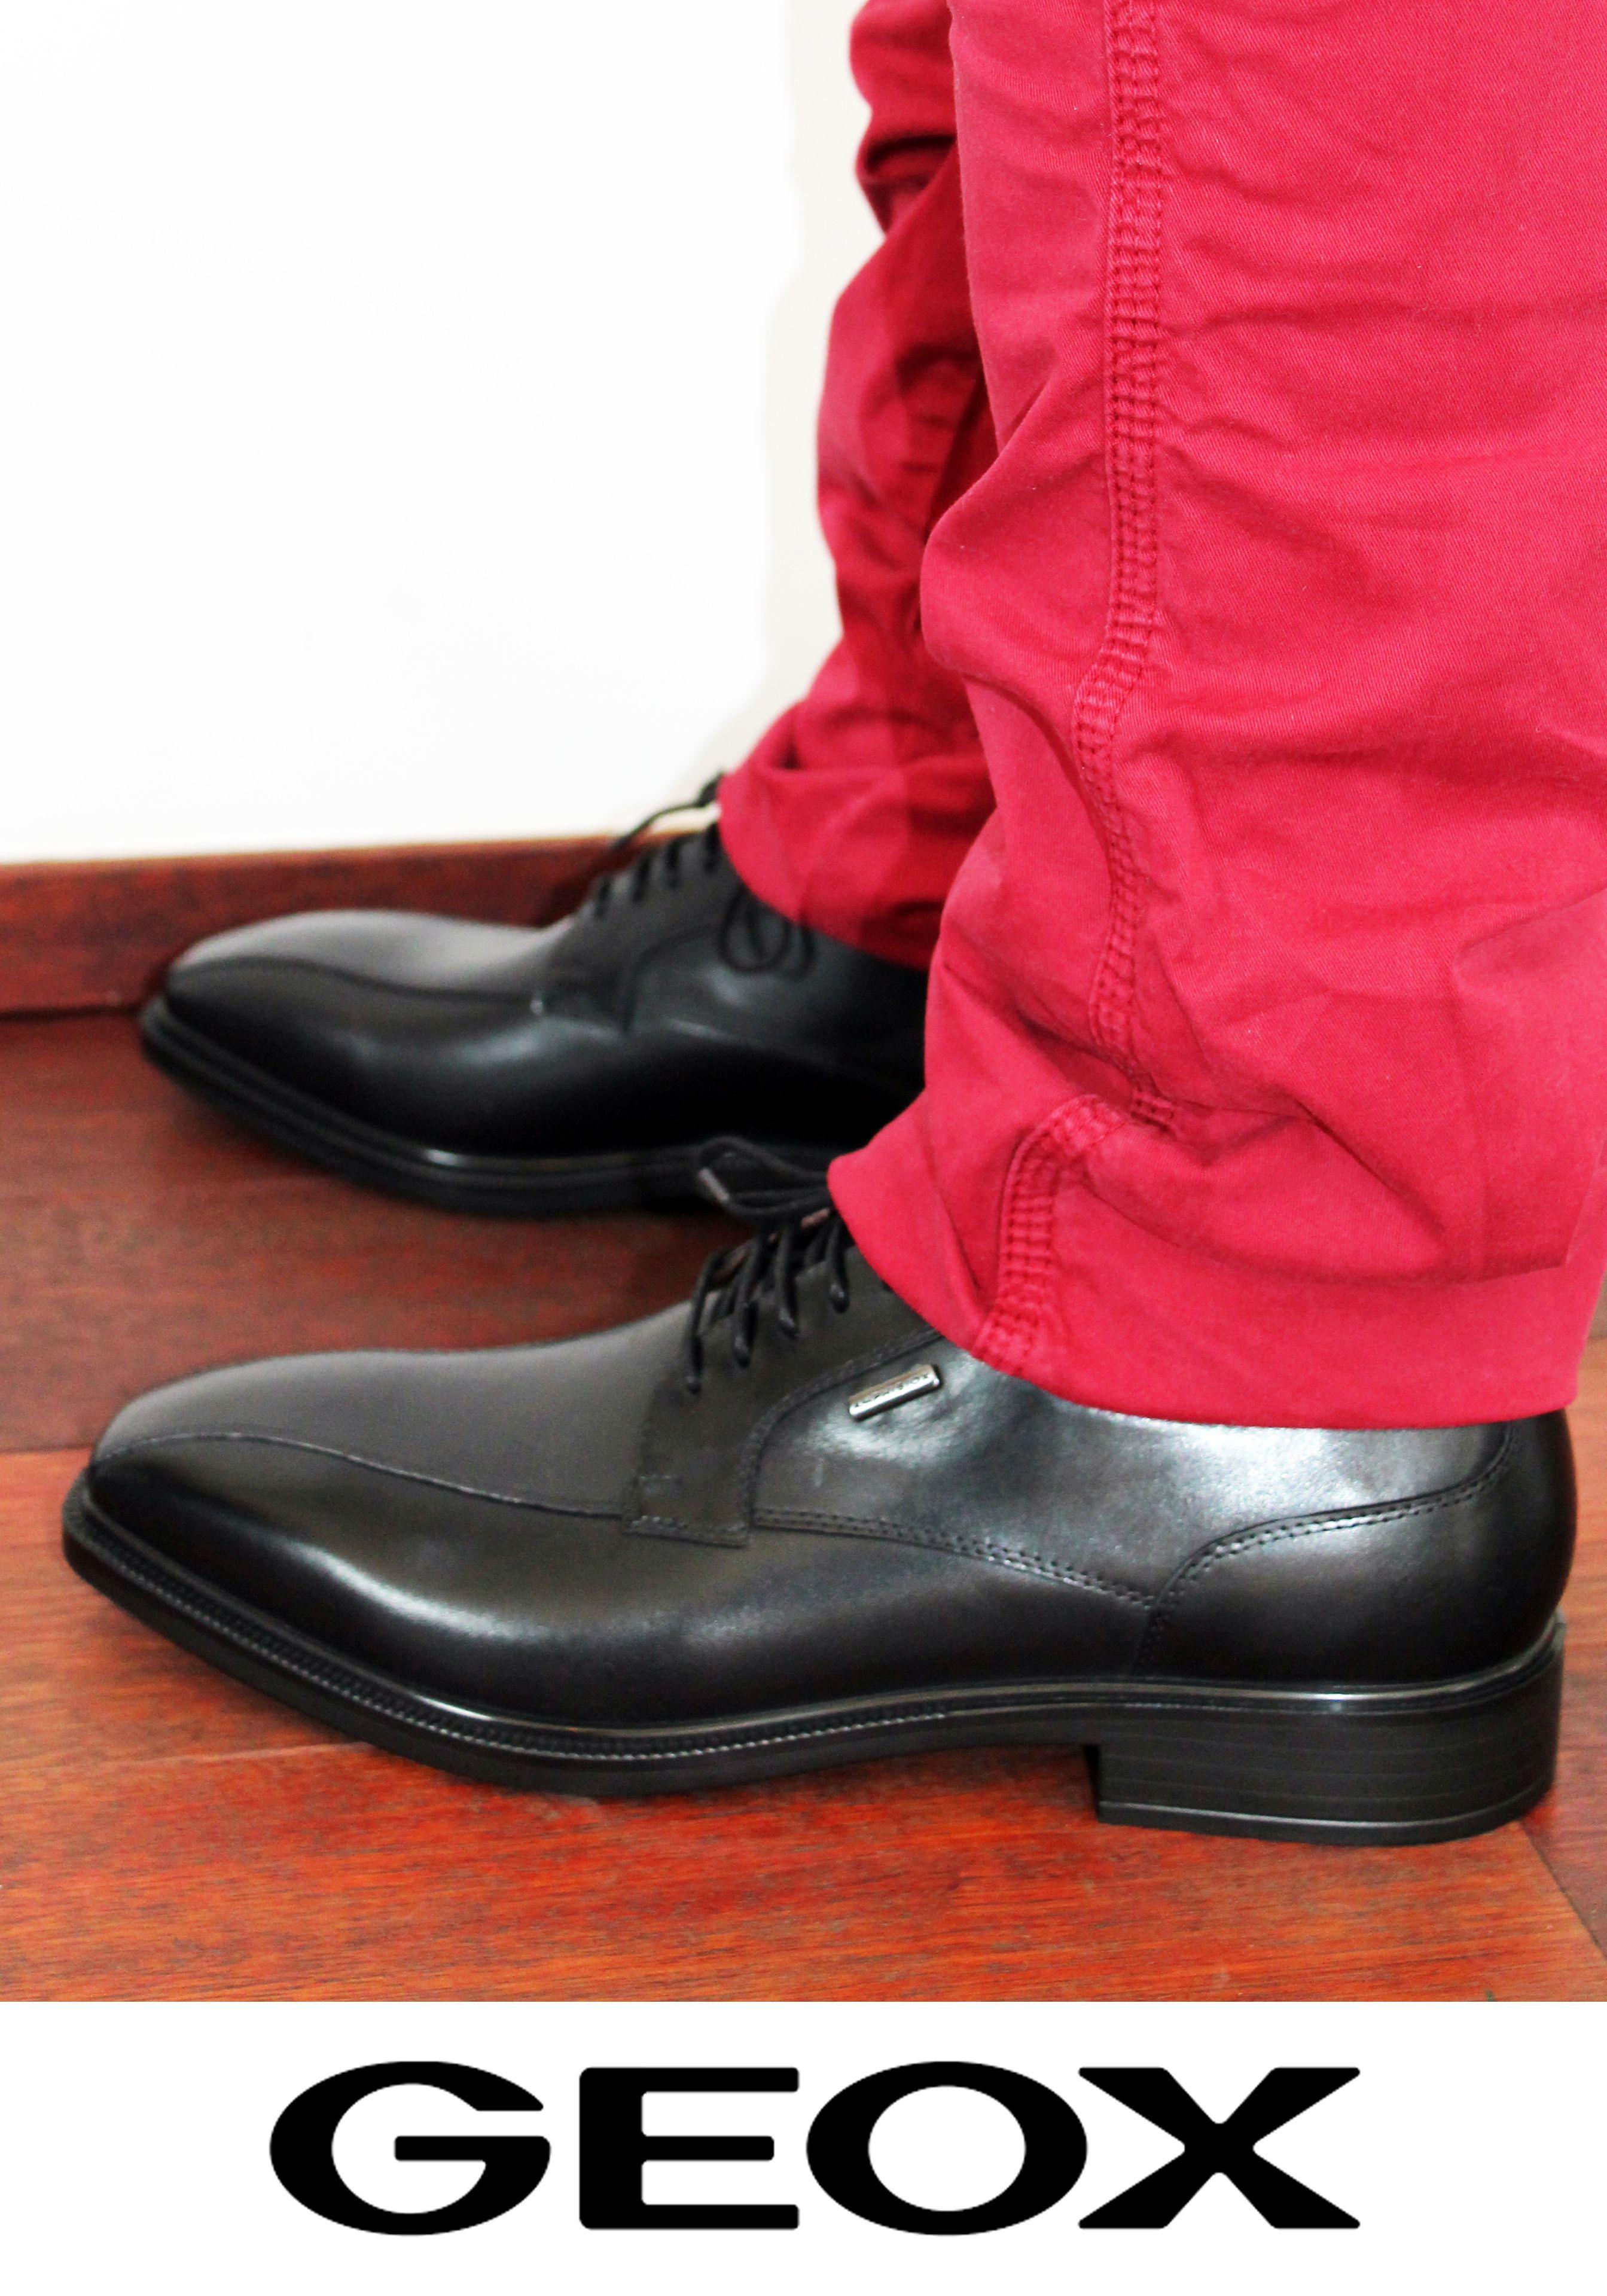 #geox #alex #shoes #chaussures #classique